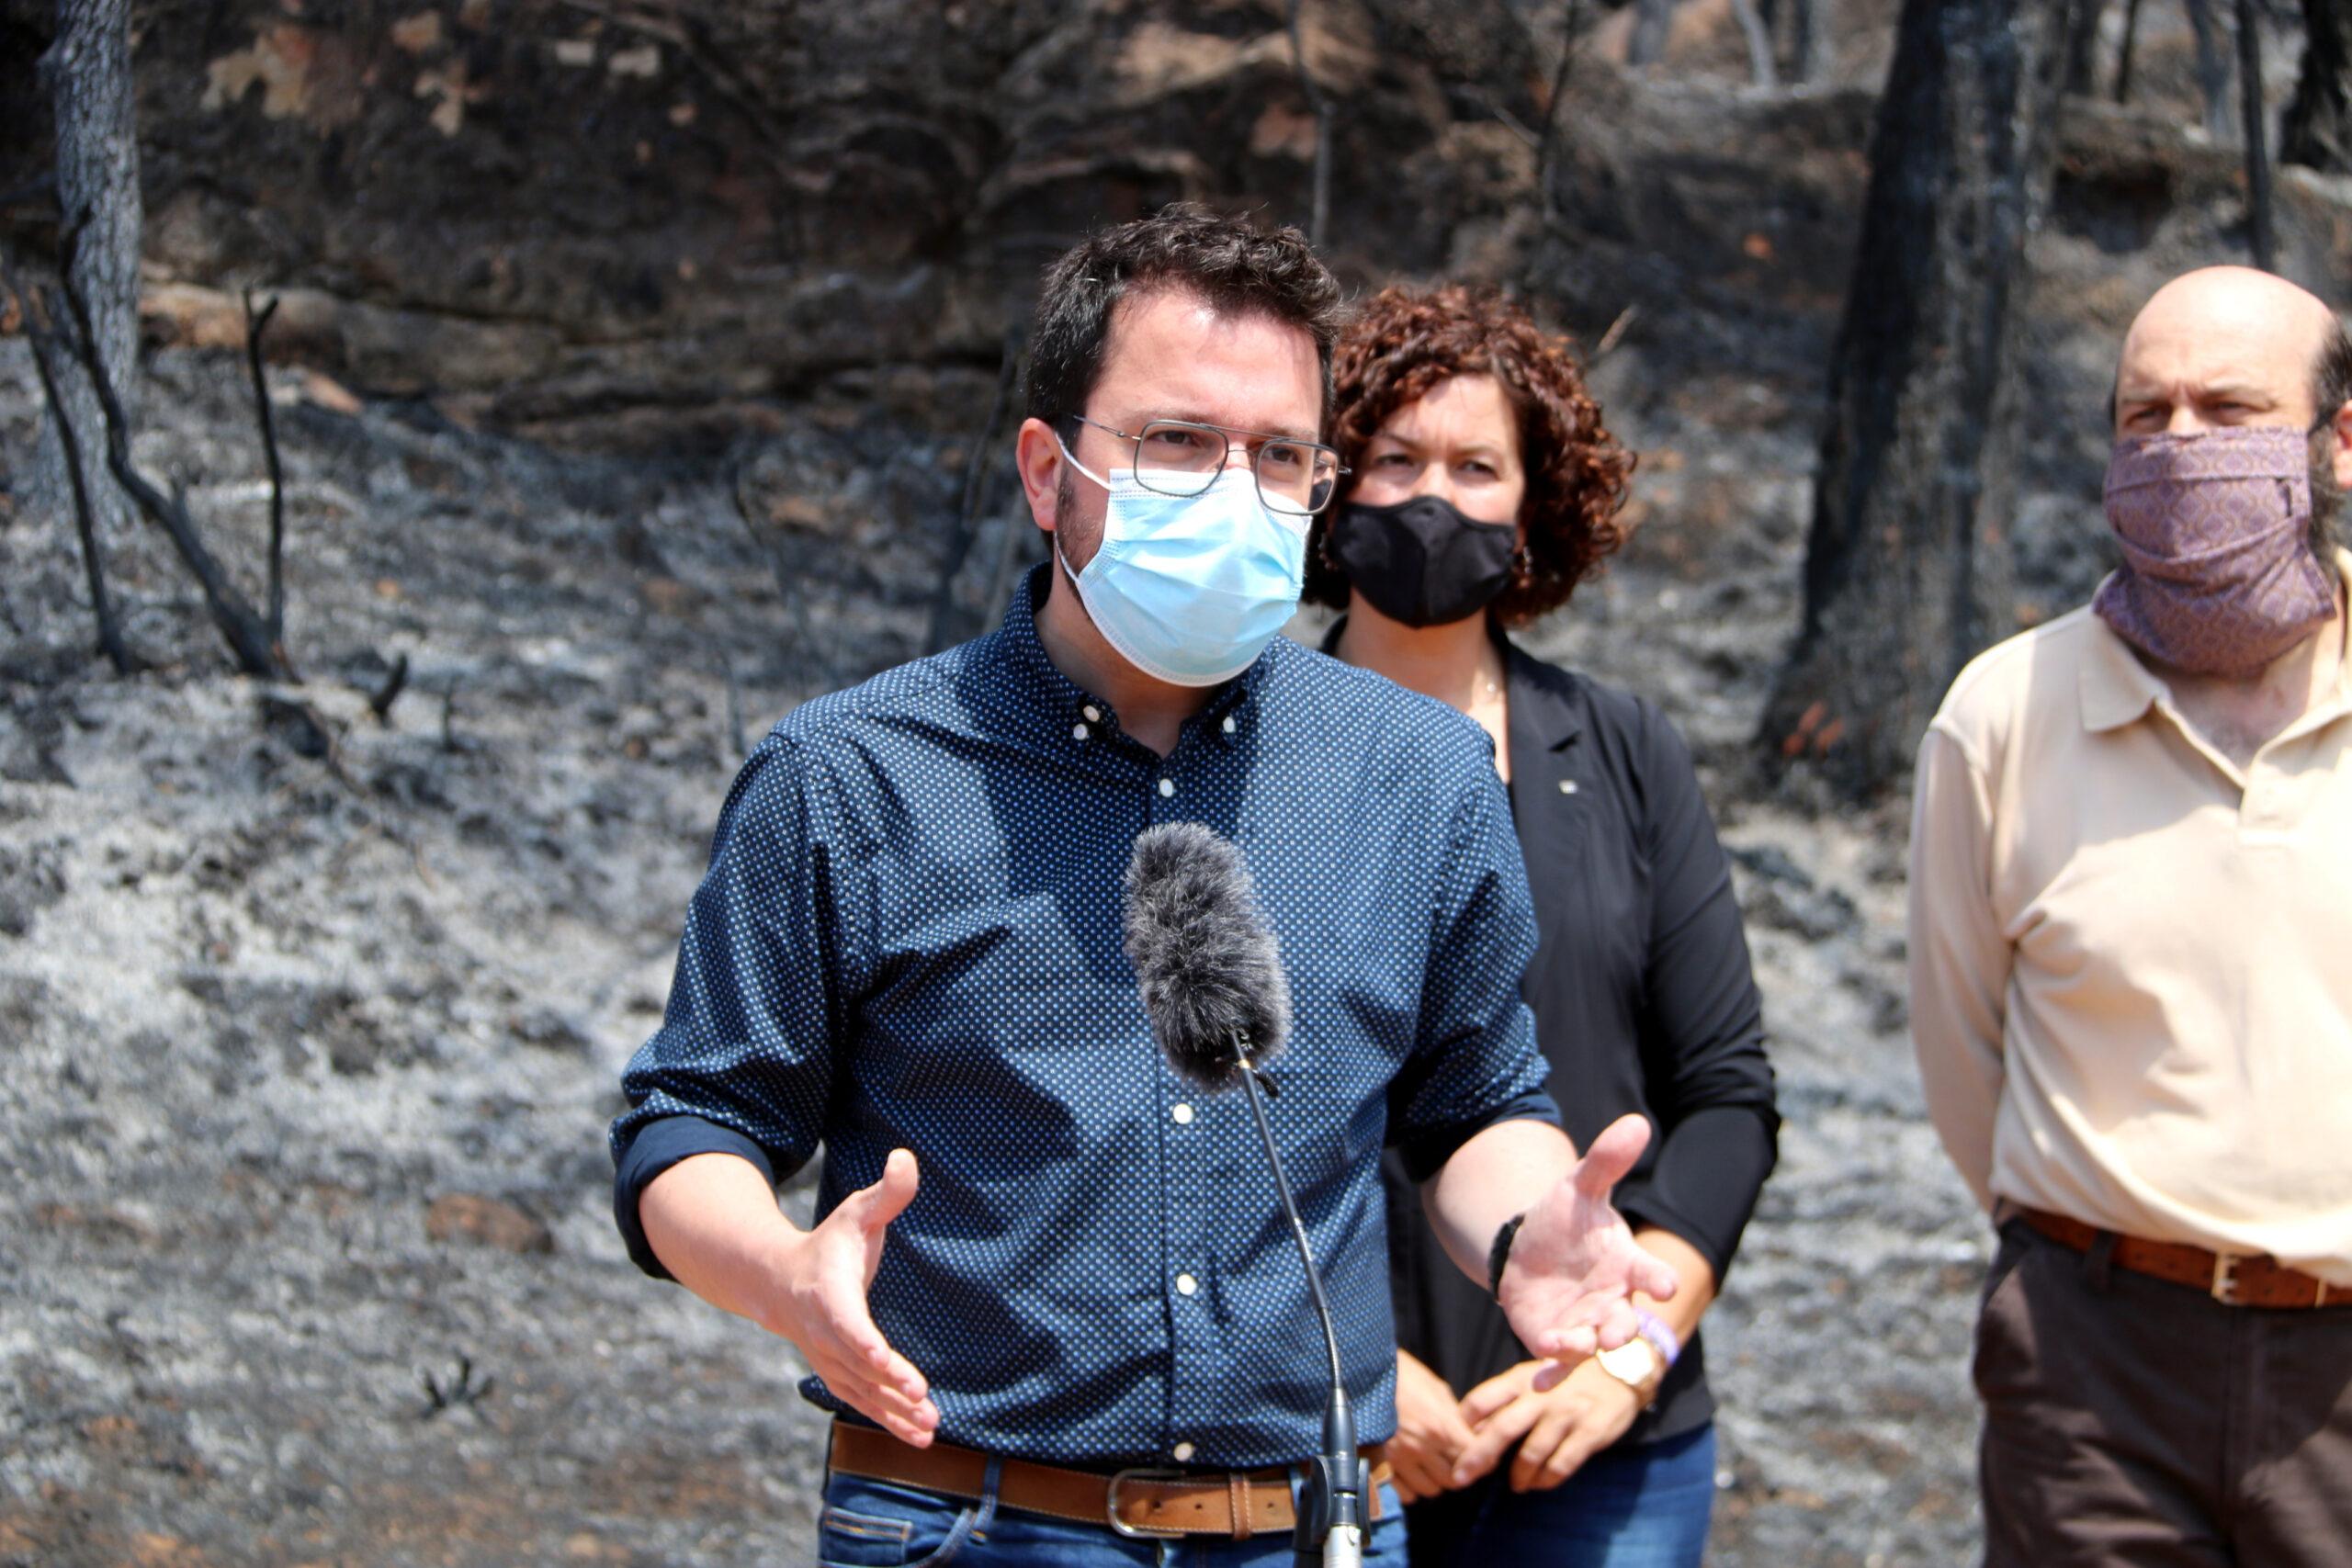 El president de la Generalitat, Pere Aragonès, que aquest dijous ha visitat Bellprat, el municipi més afectat pels focs de la Conca de Barberà i l'Anoia